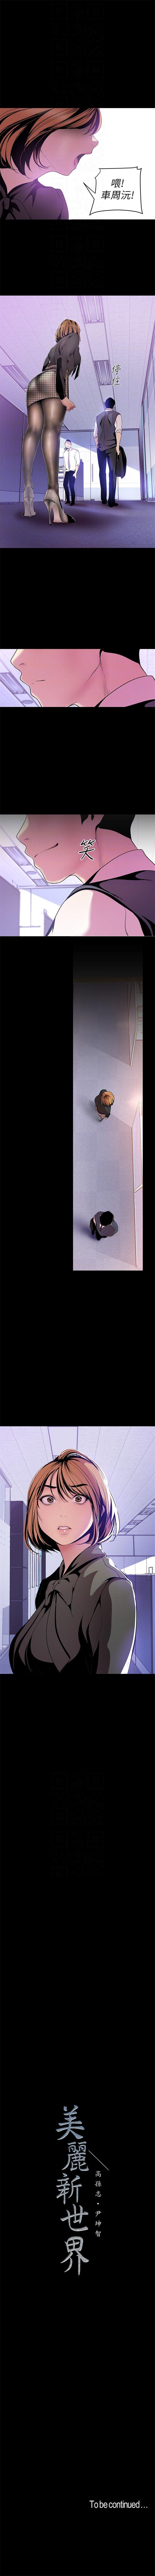 (週1)美麗新世界 1-76 中文翻譯 (更新中) 388